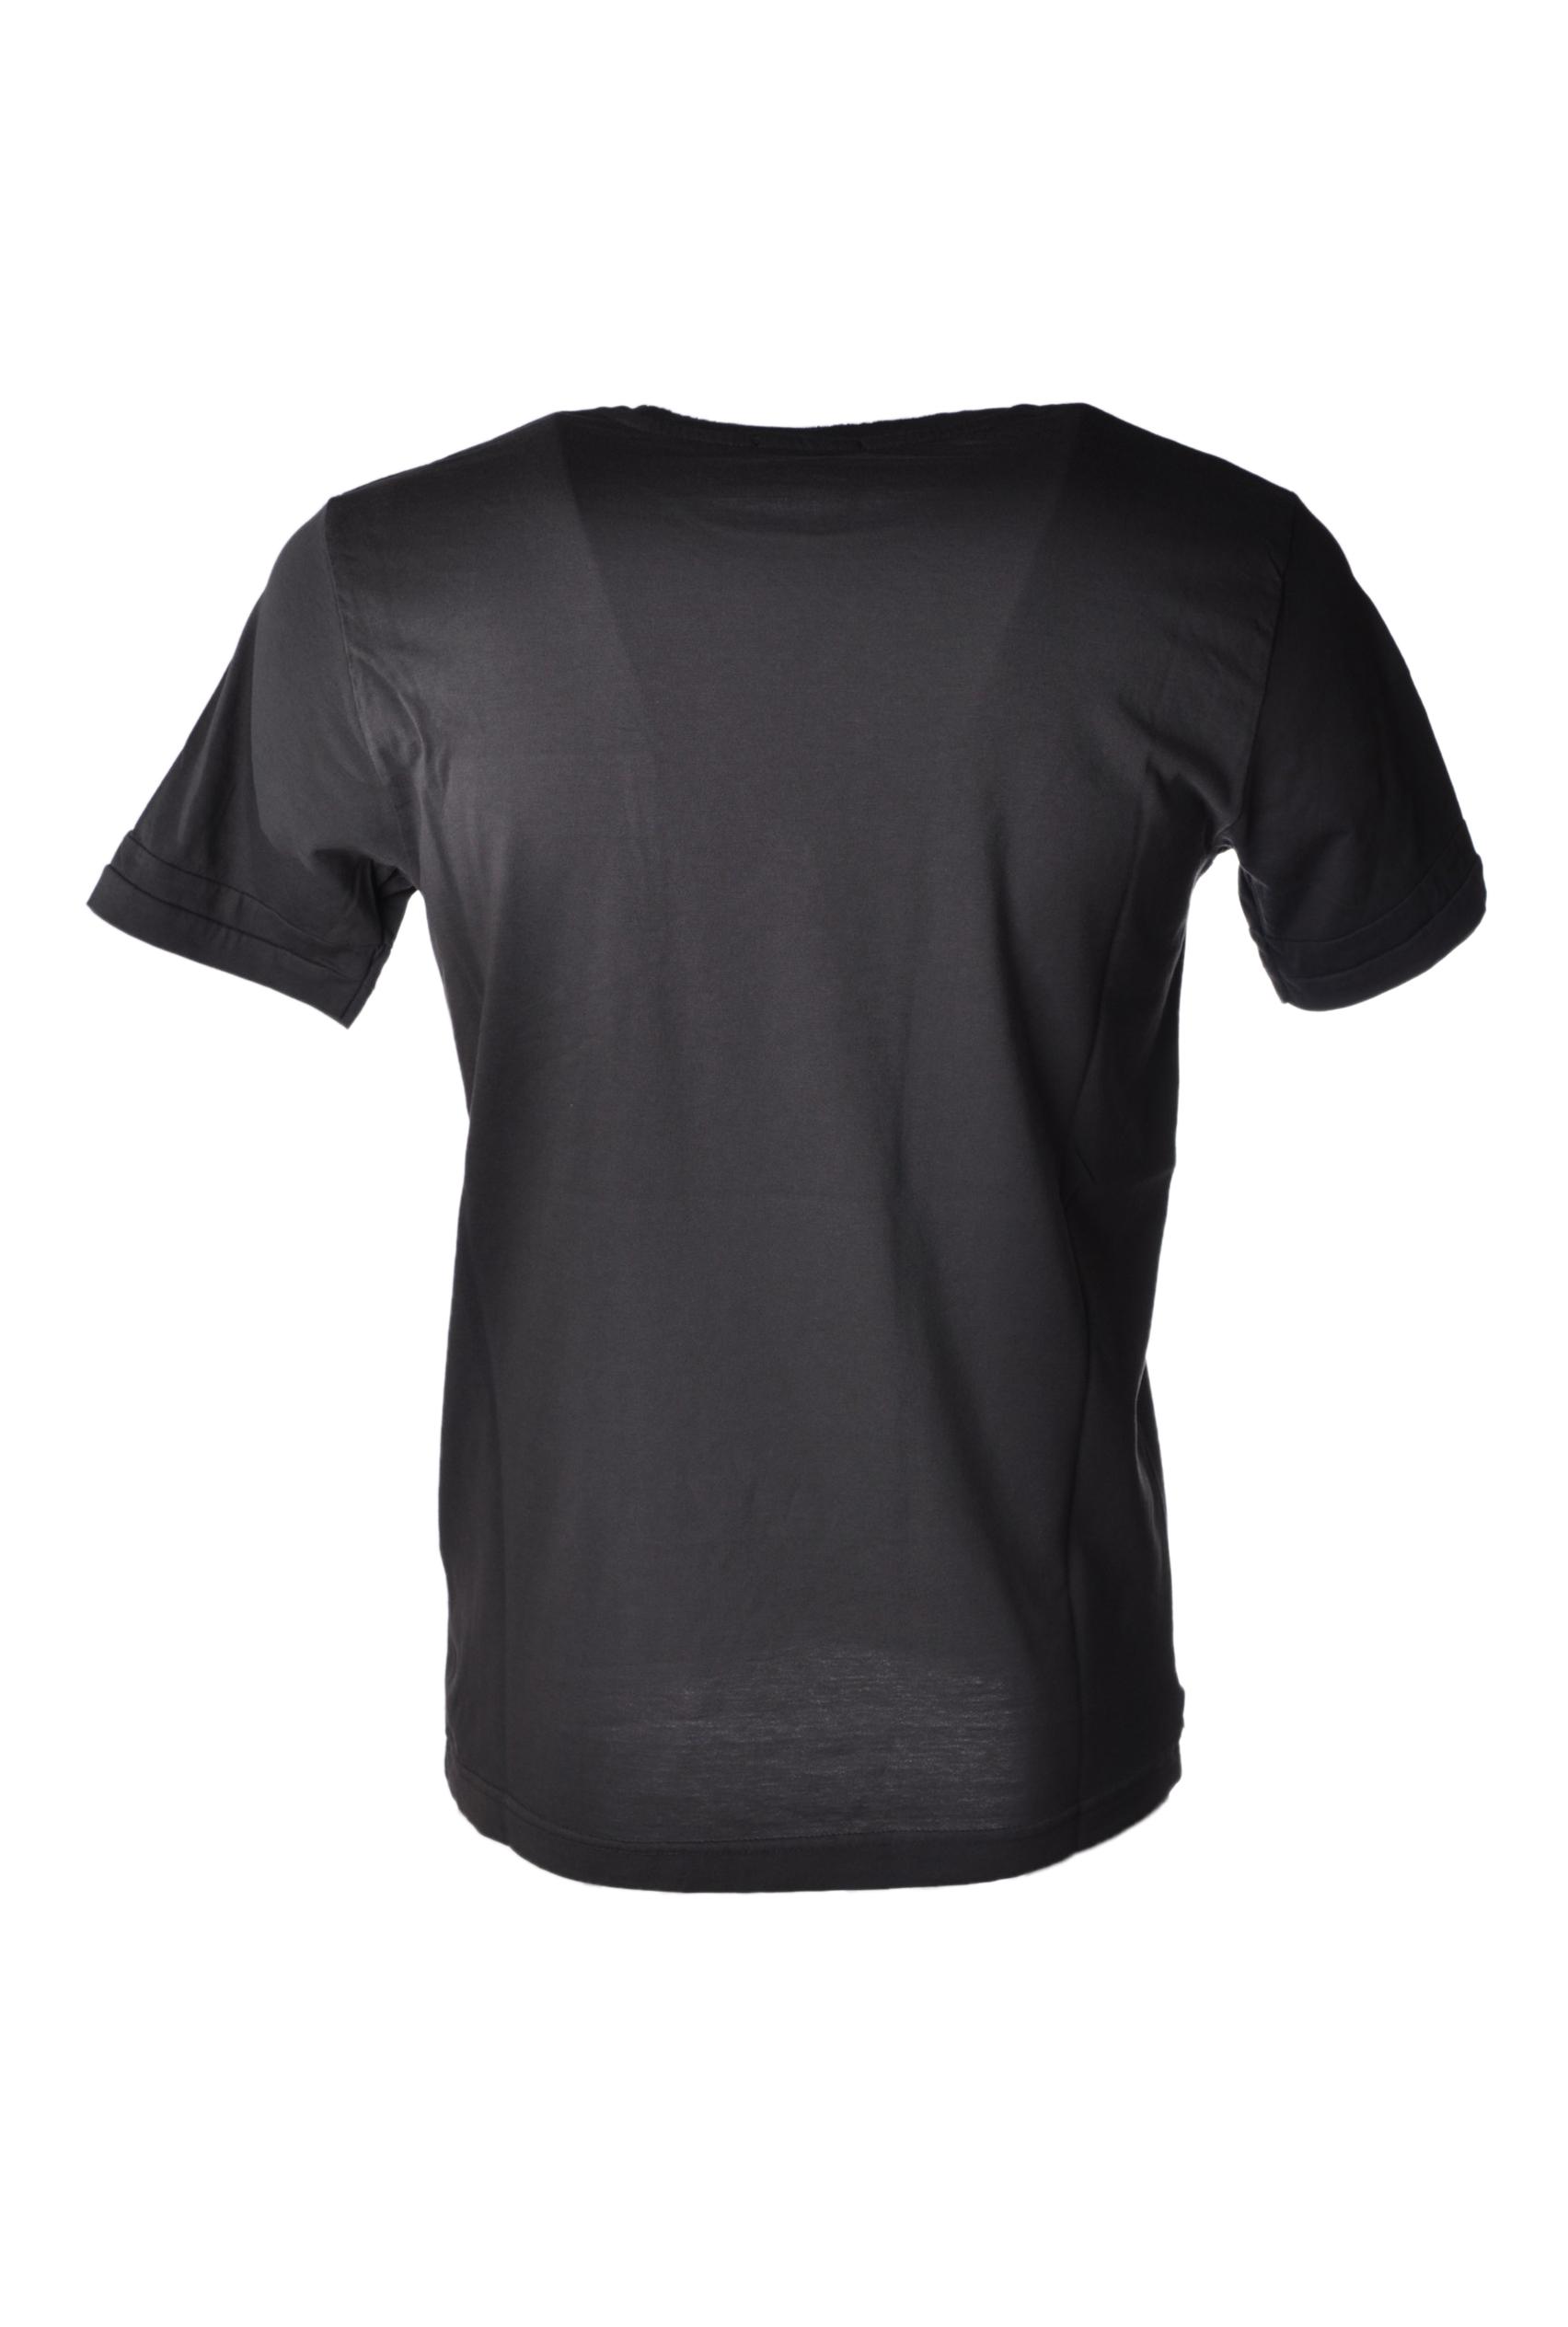 """CROSSLEY """"BUKERT"""" T-shirts"""